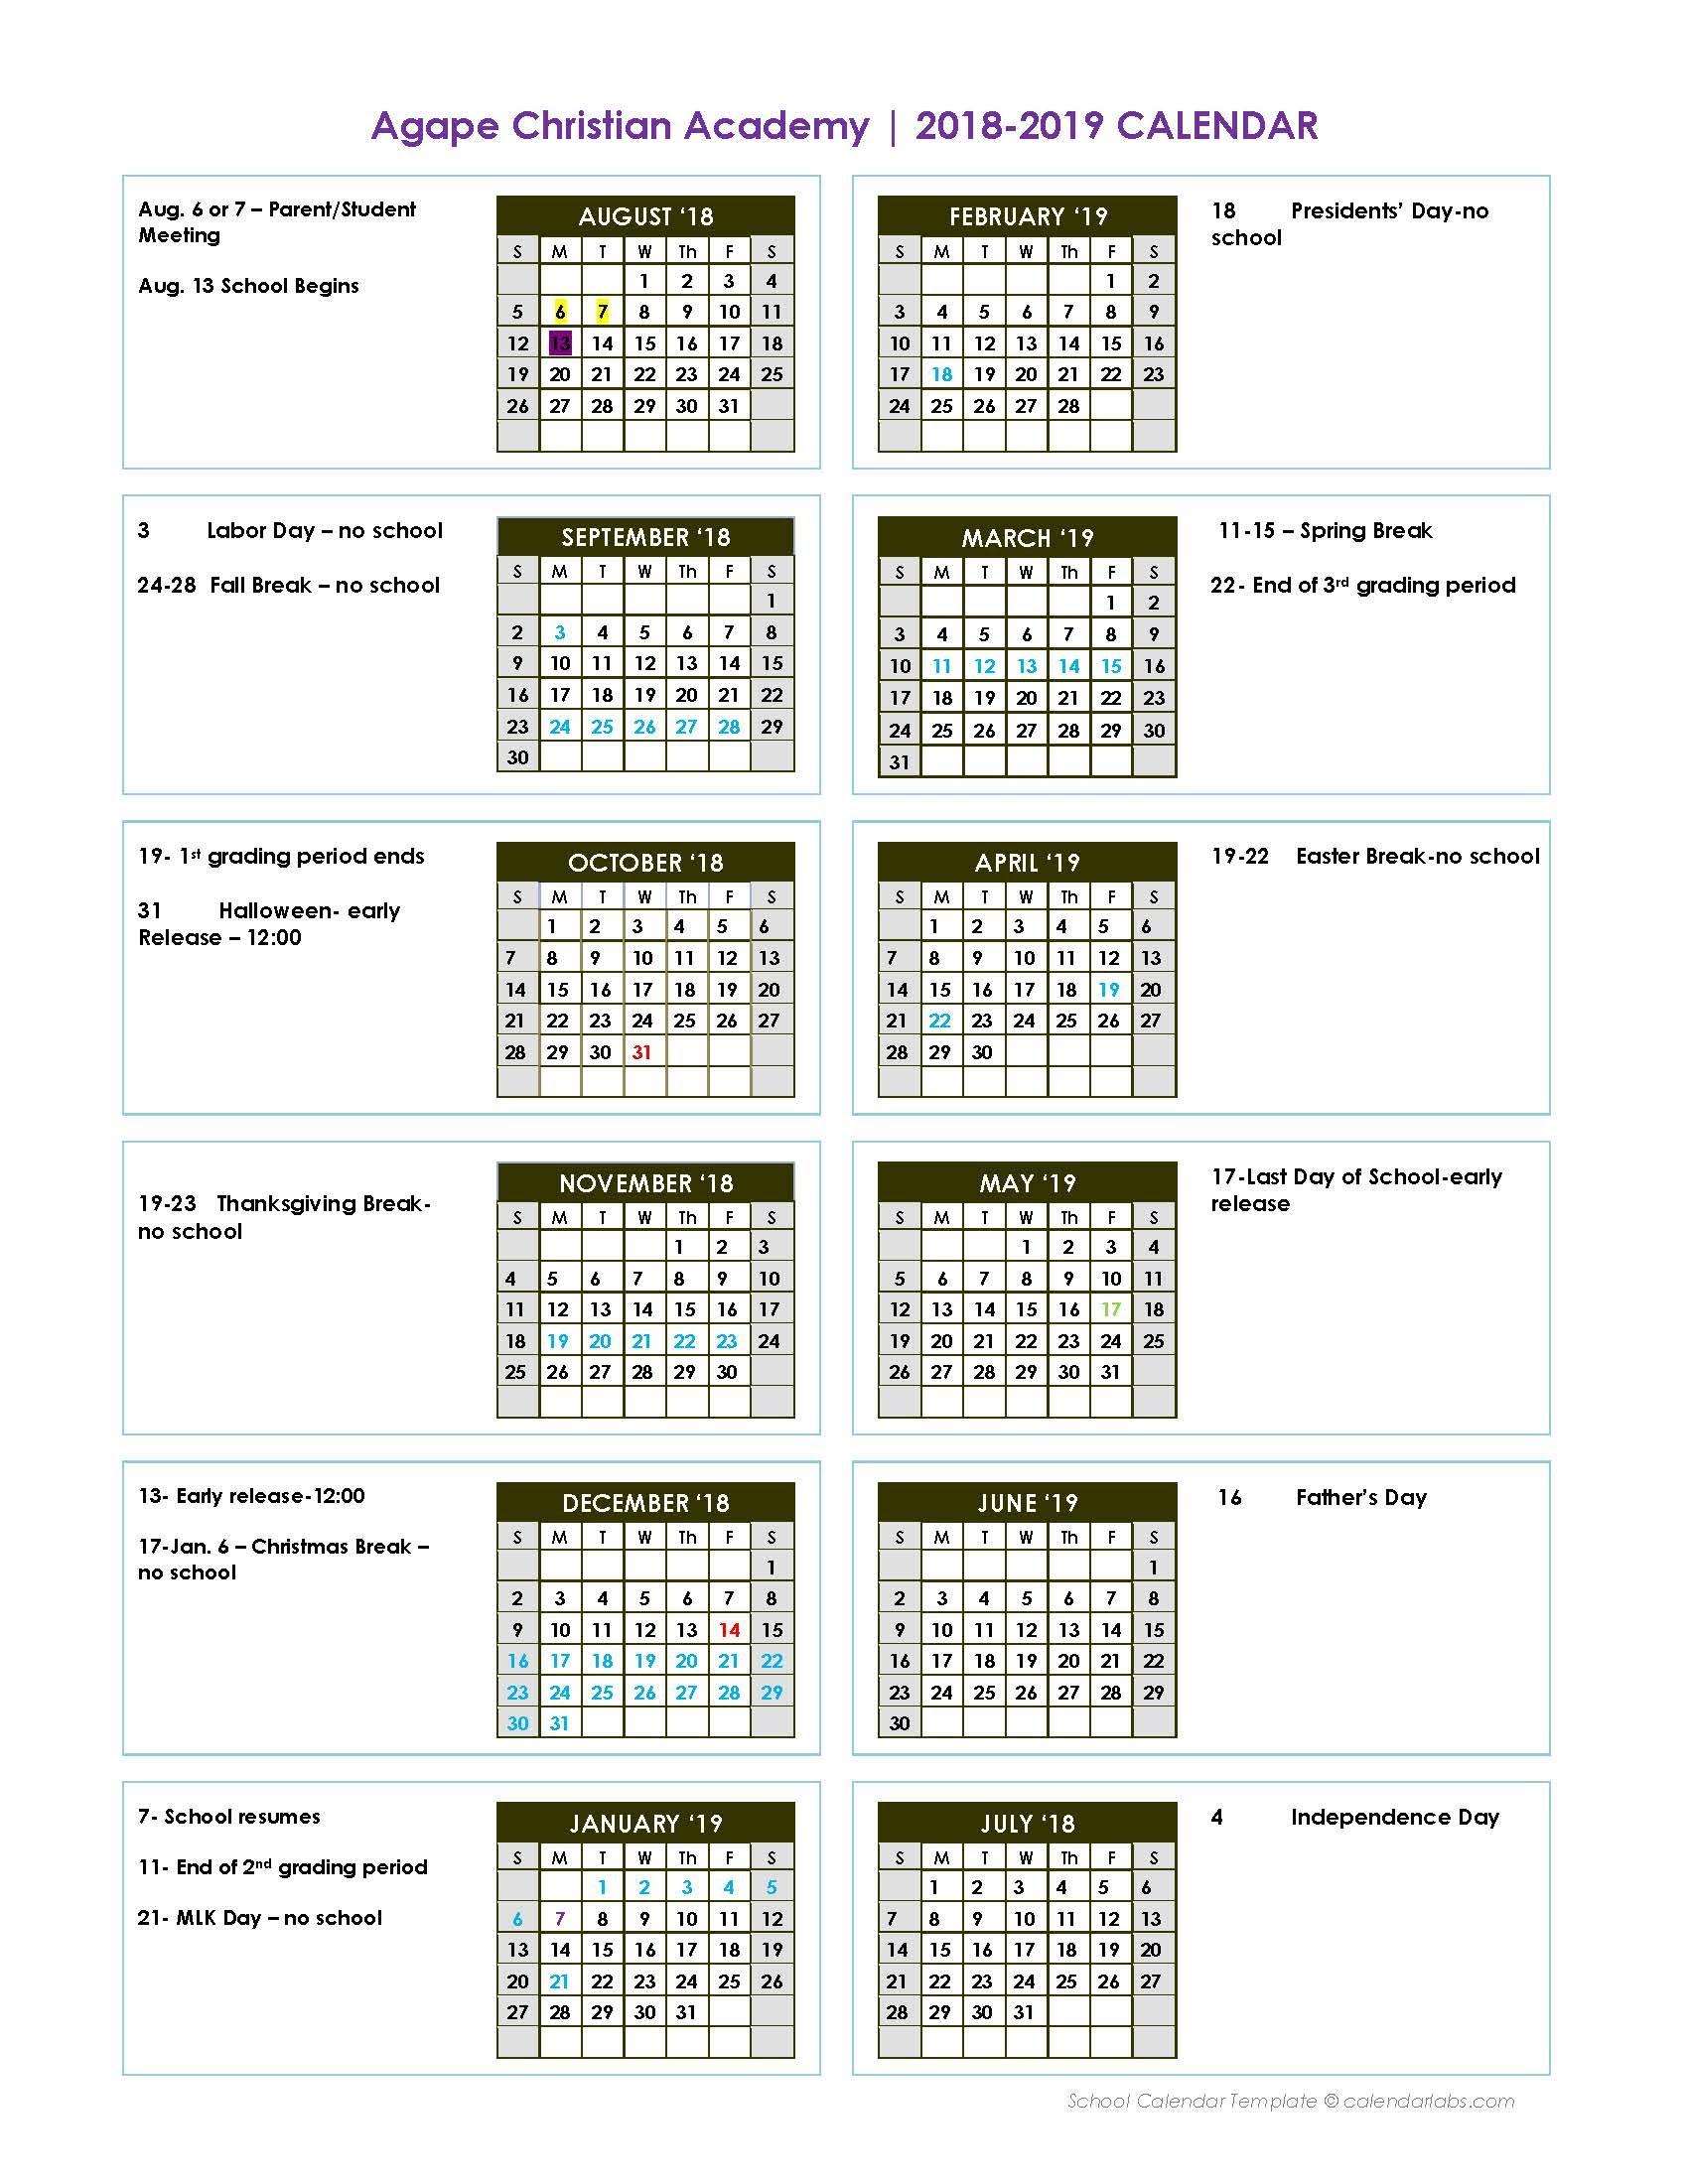 Christian Calendar 2019 2018   2019 Calendar   Agape Christian Academy